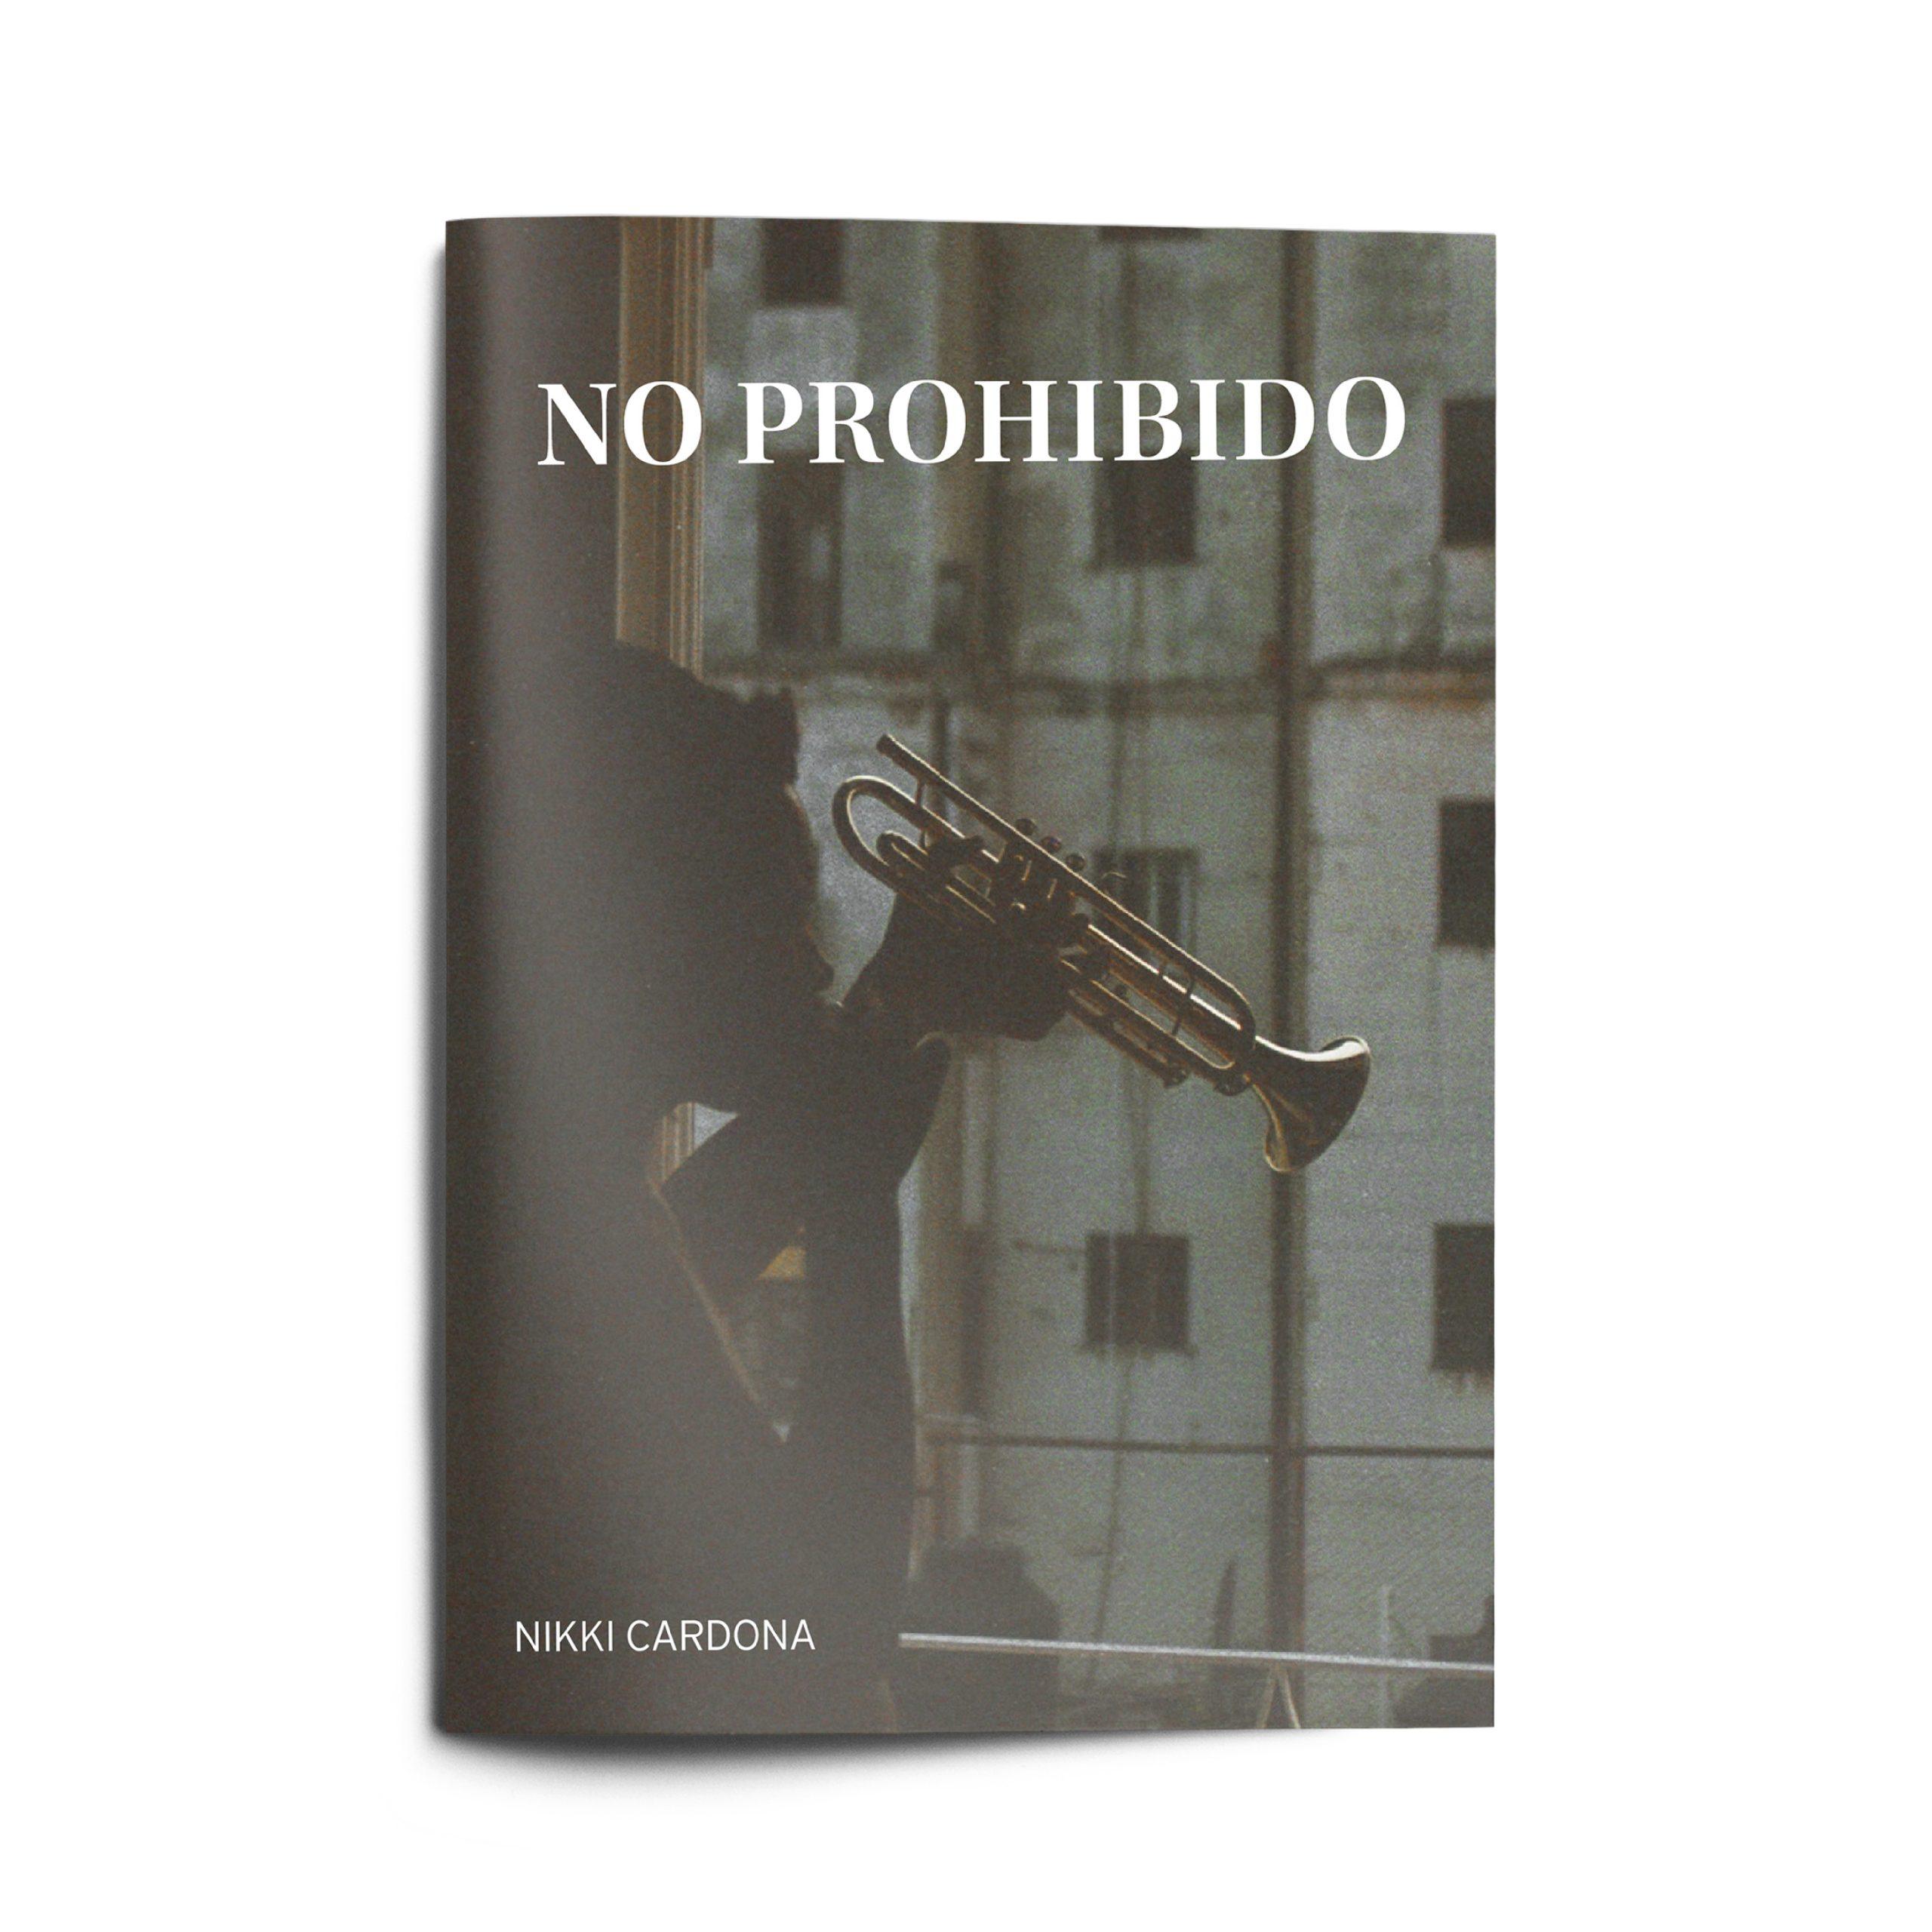 No Prohibido, by Nikki Cardona